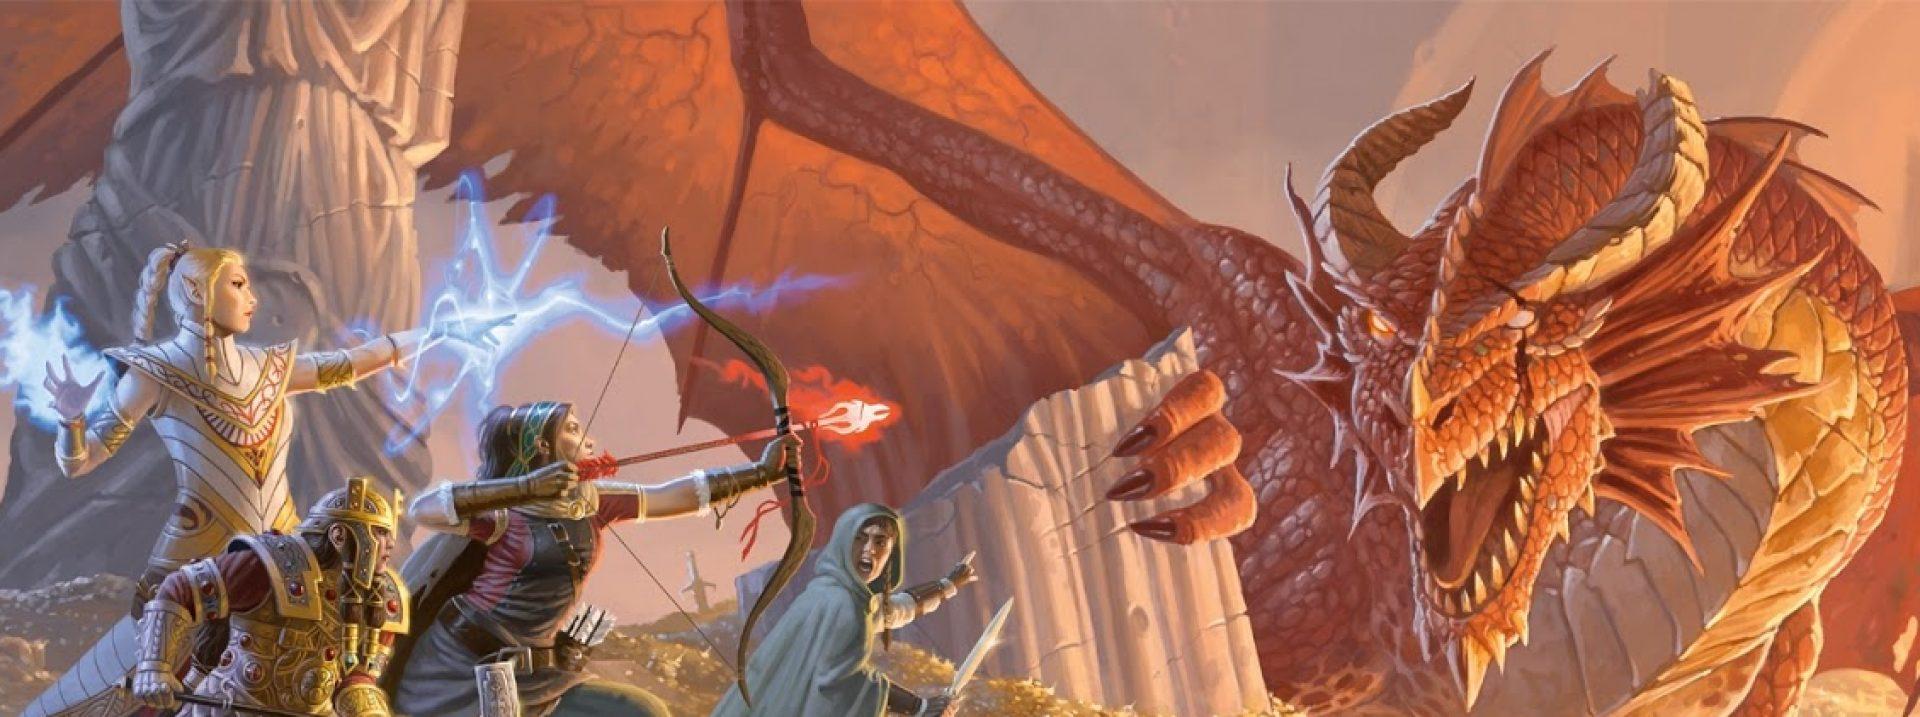 cropped-hero_dmgscreen_0-2.jpg